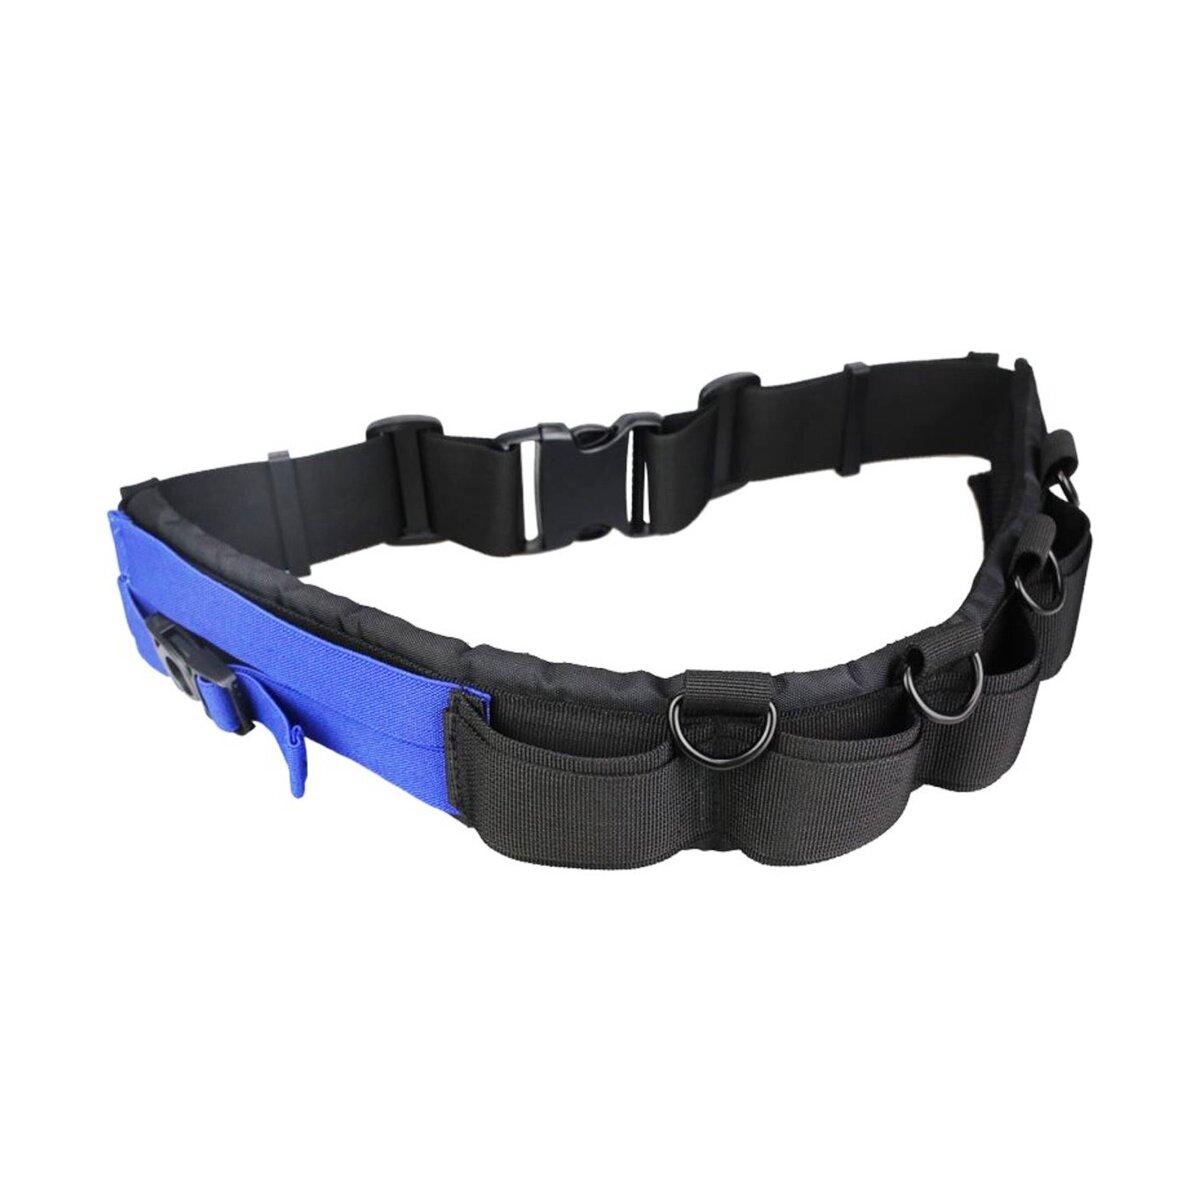 Impulsfoto JJC GB-1 Utility Fotographie-Gürtel   Leicht   Polyester - Atmungsaktives 3D-Netz - Haltbares POM   Platz für 5 Objektivtaschen   4 Metall-D-Ringe Für Zubehör   Länge Einstellbar